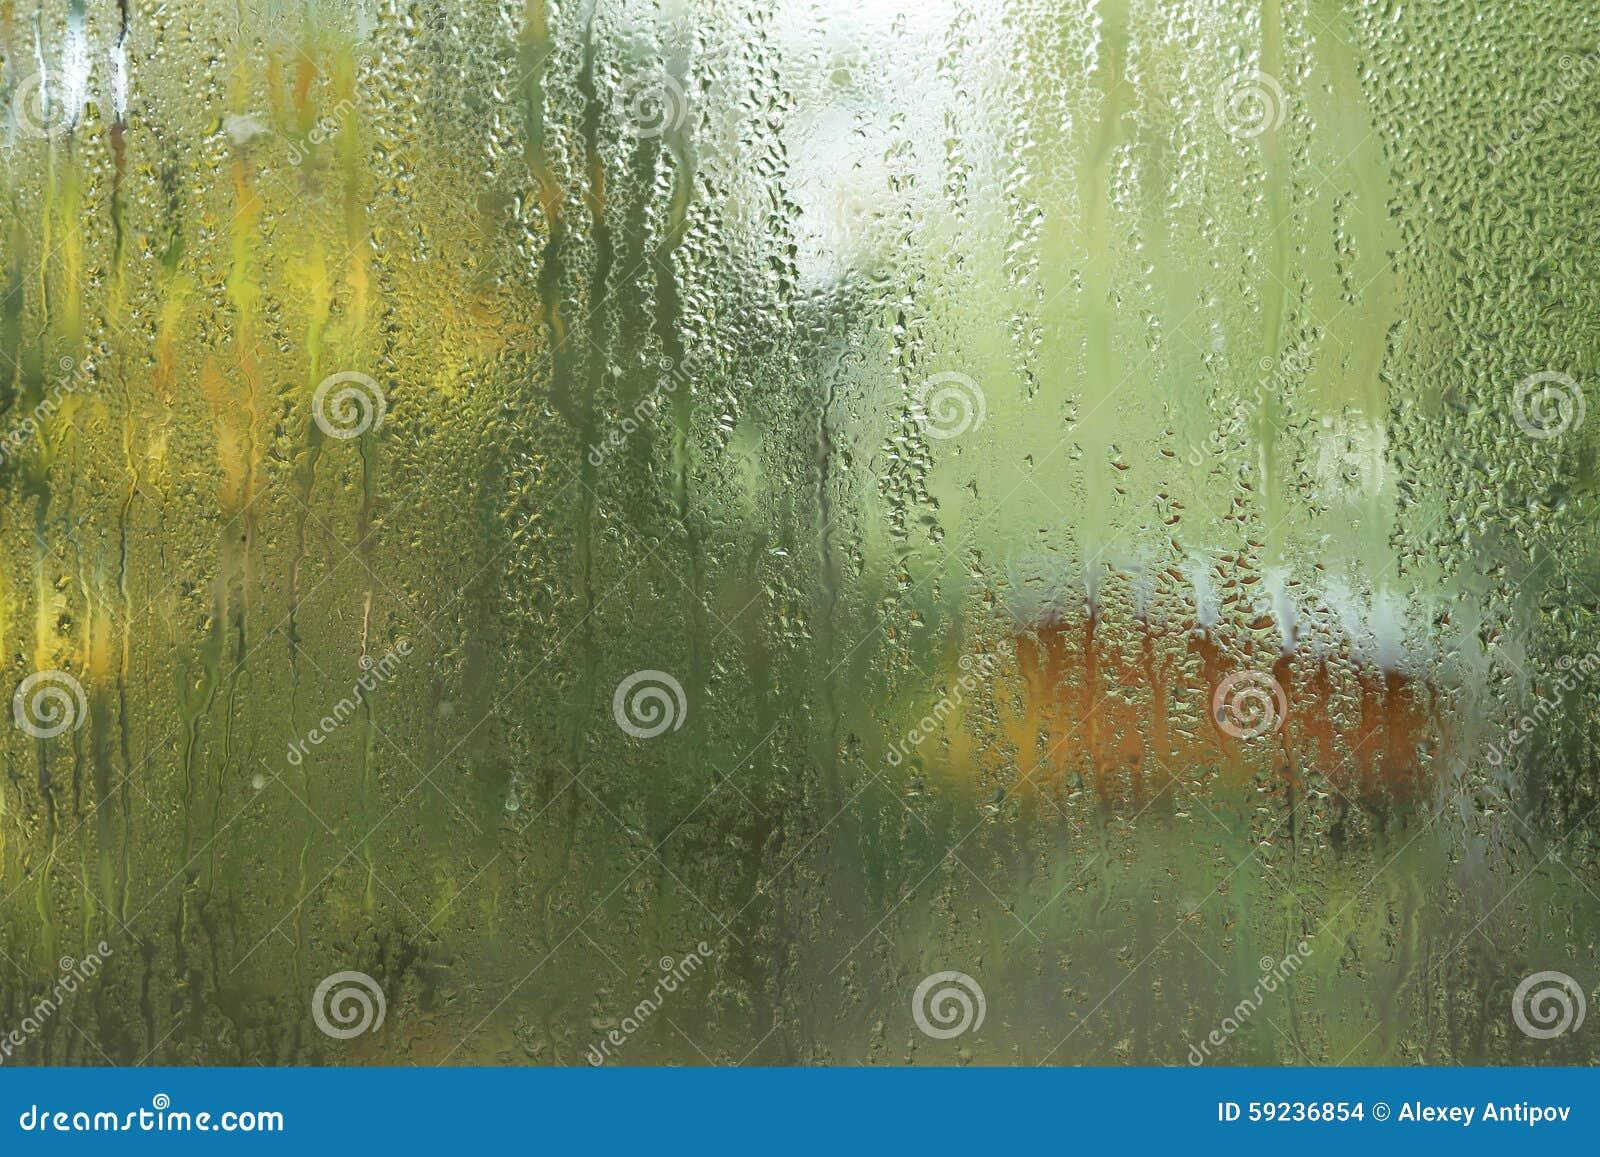 Падения проточной воды на стеклянном окне